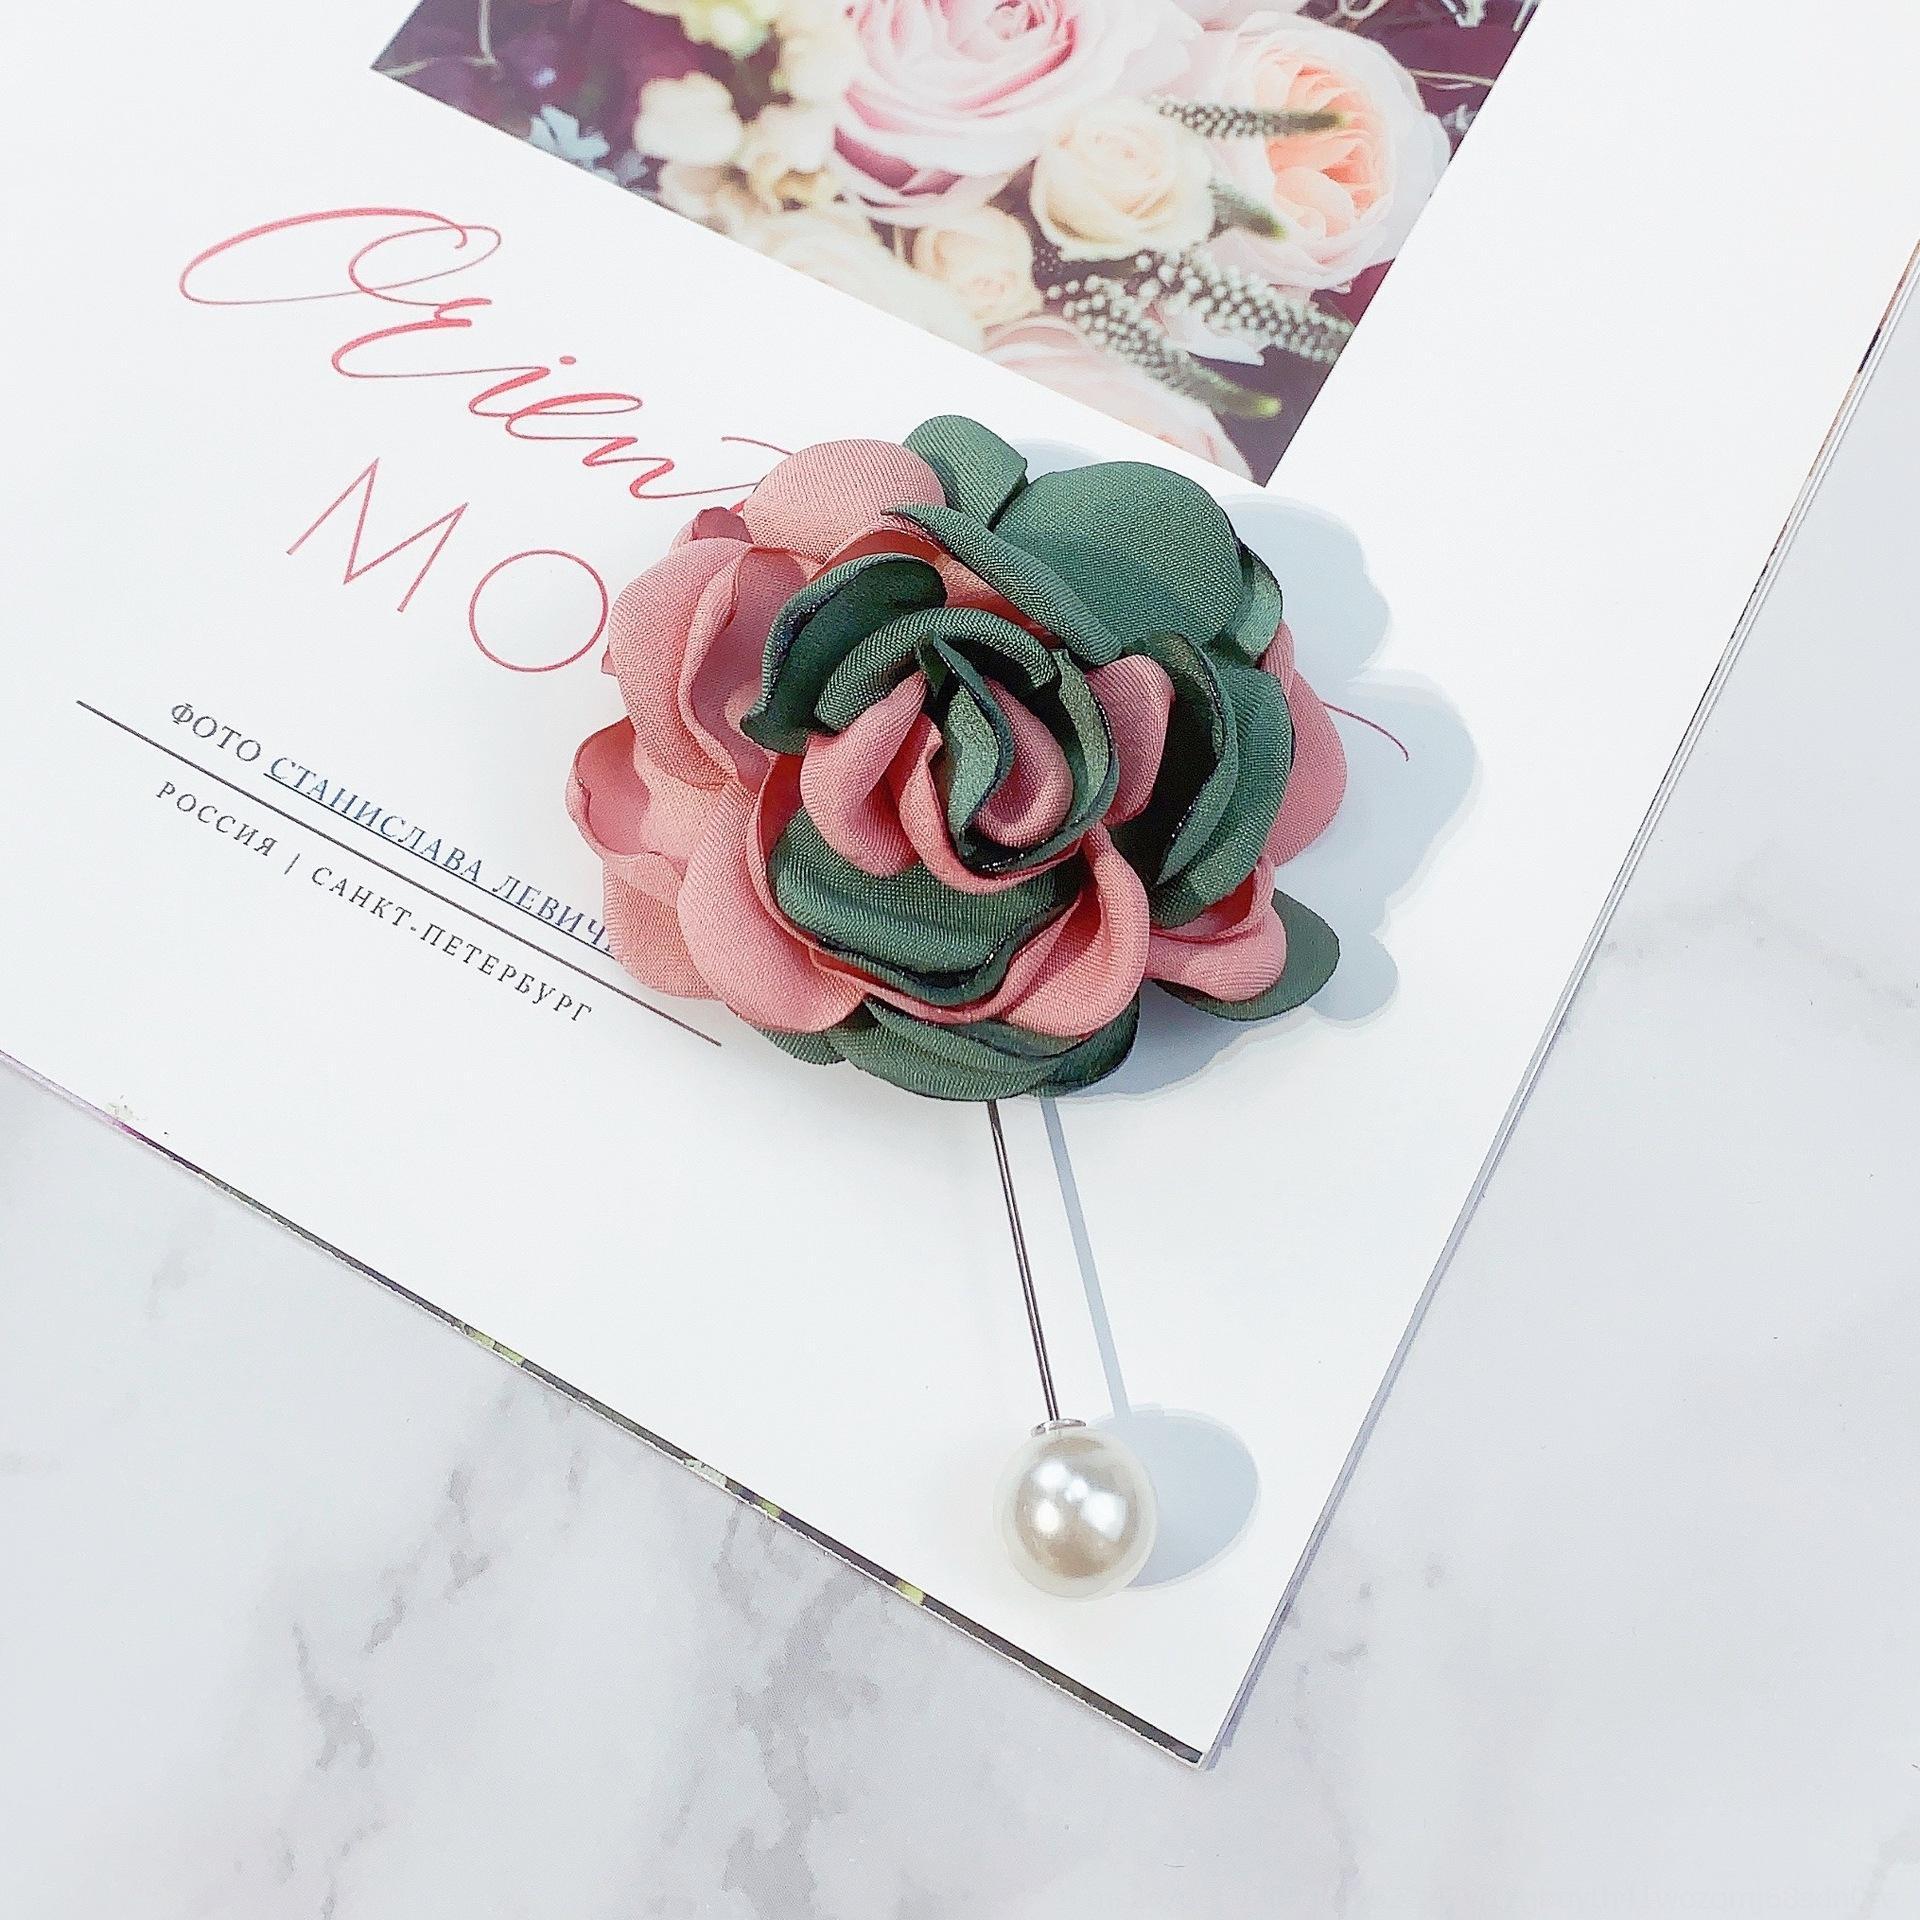 la correspondance des couleurs tissu rose perle Broche corsage Broche collier Accessoires Accessoires Pin vêtements XIZRg